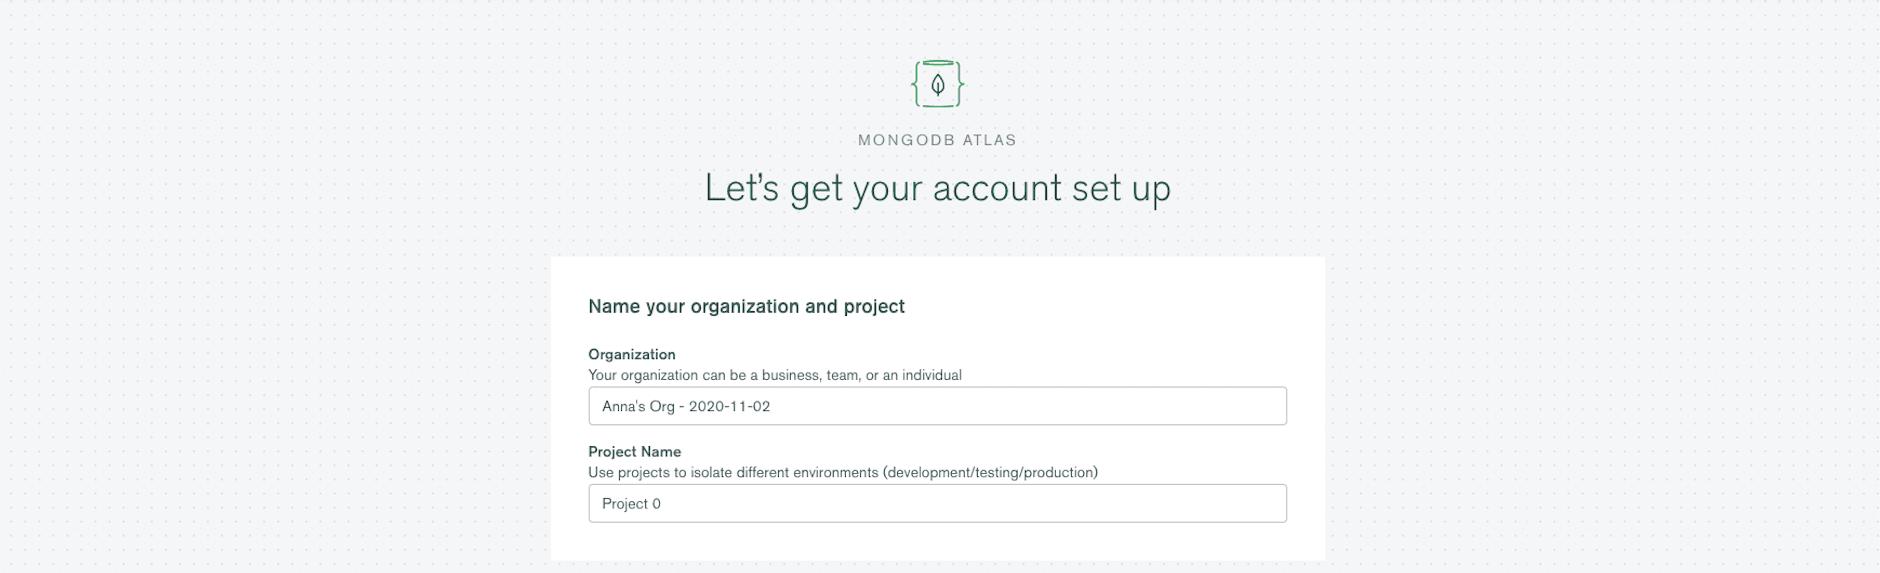 Name project and organization at MongoDB Atlas